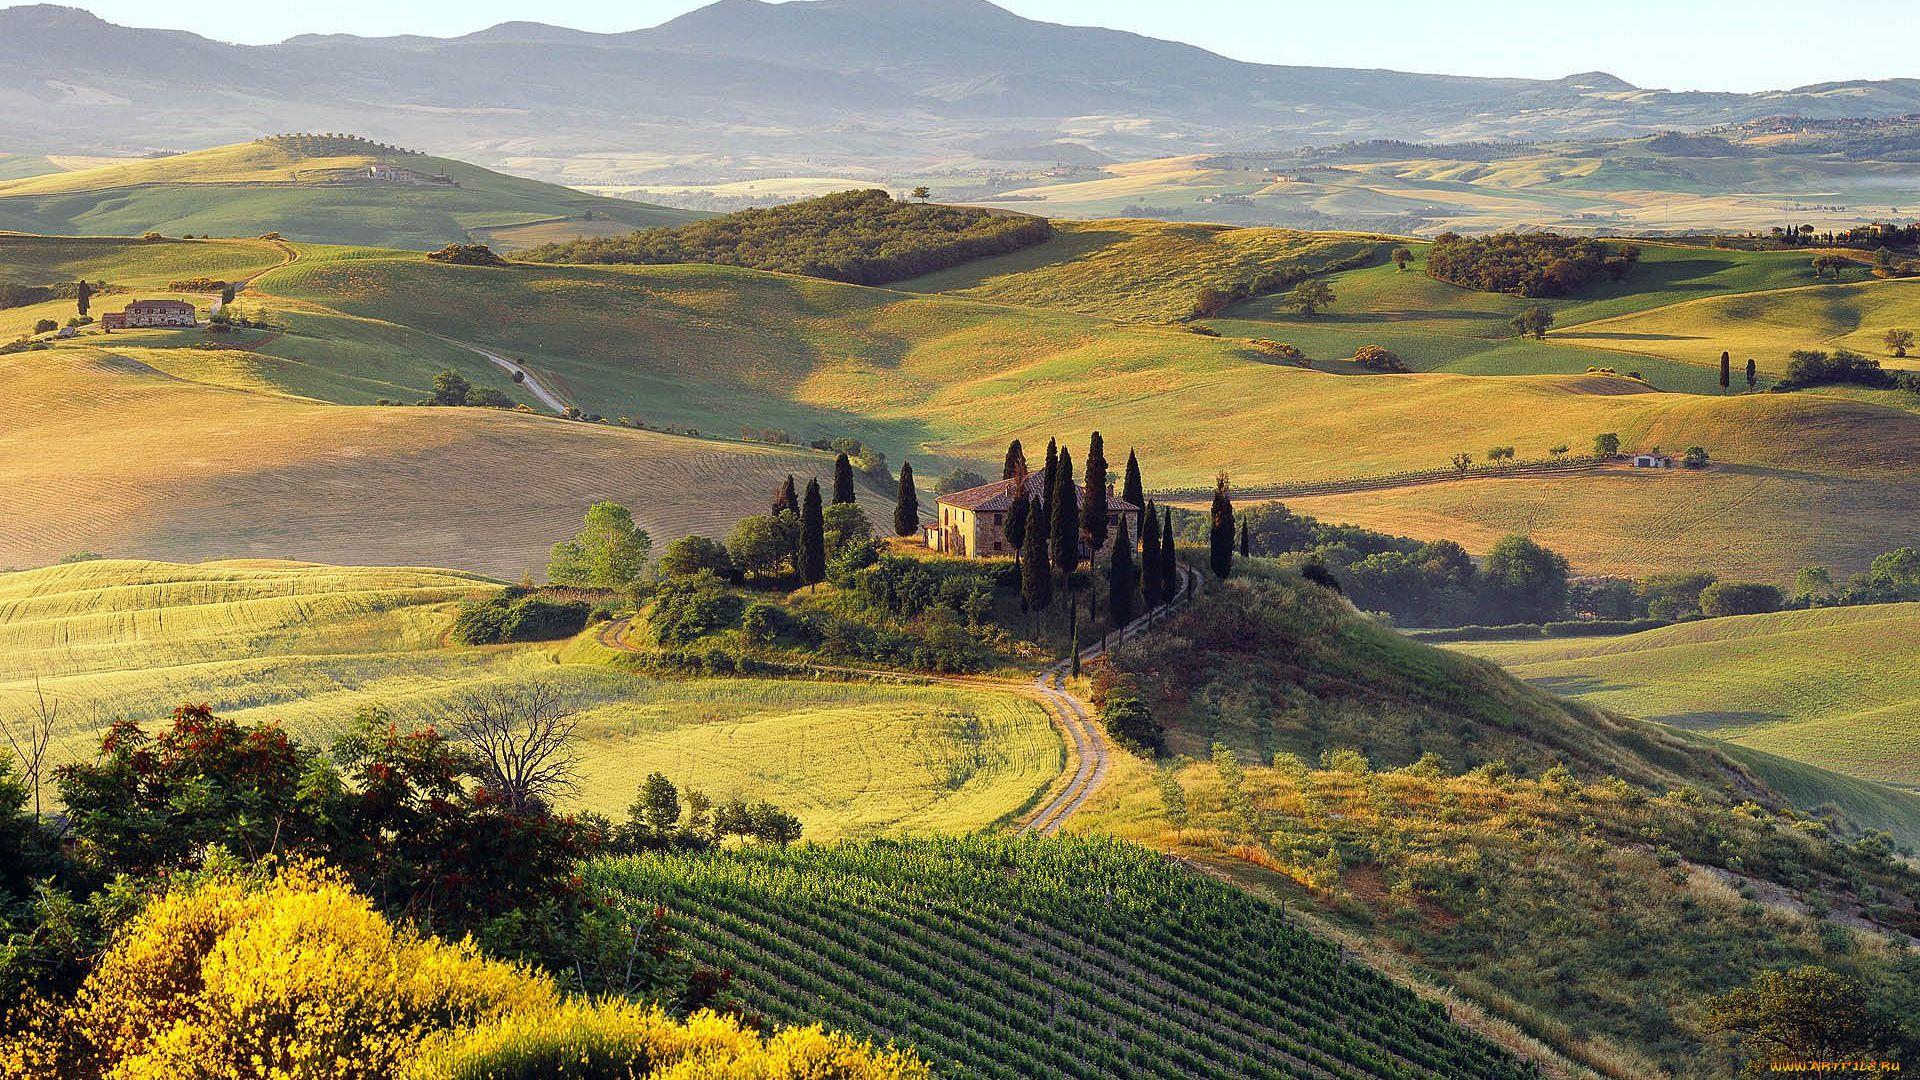 Hills Of Tuscany Italy Photo